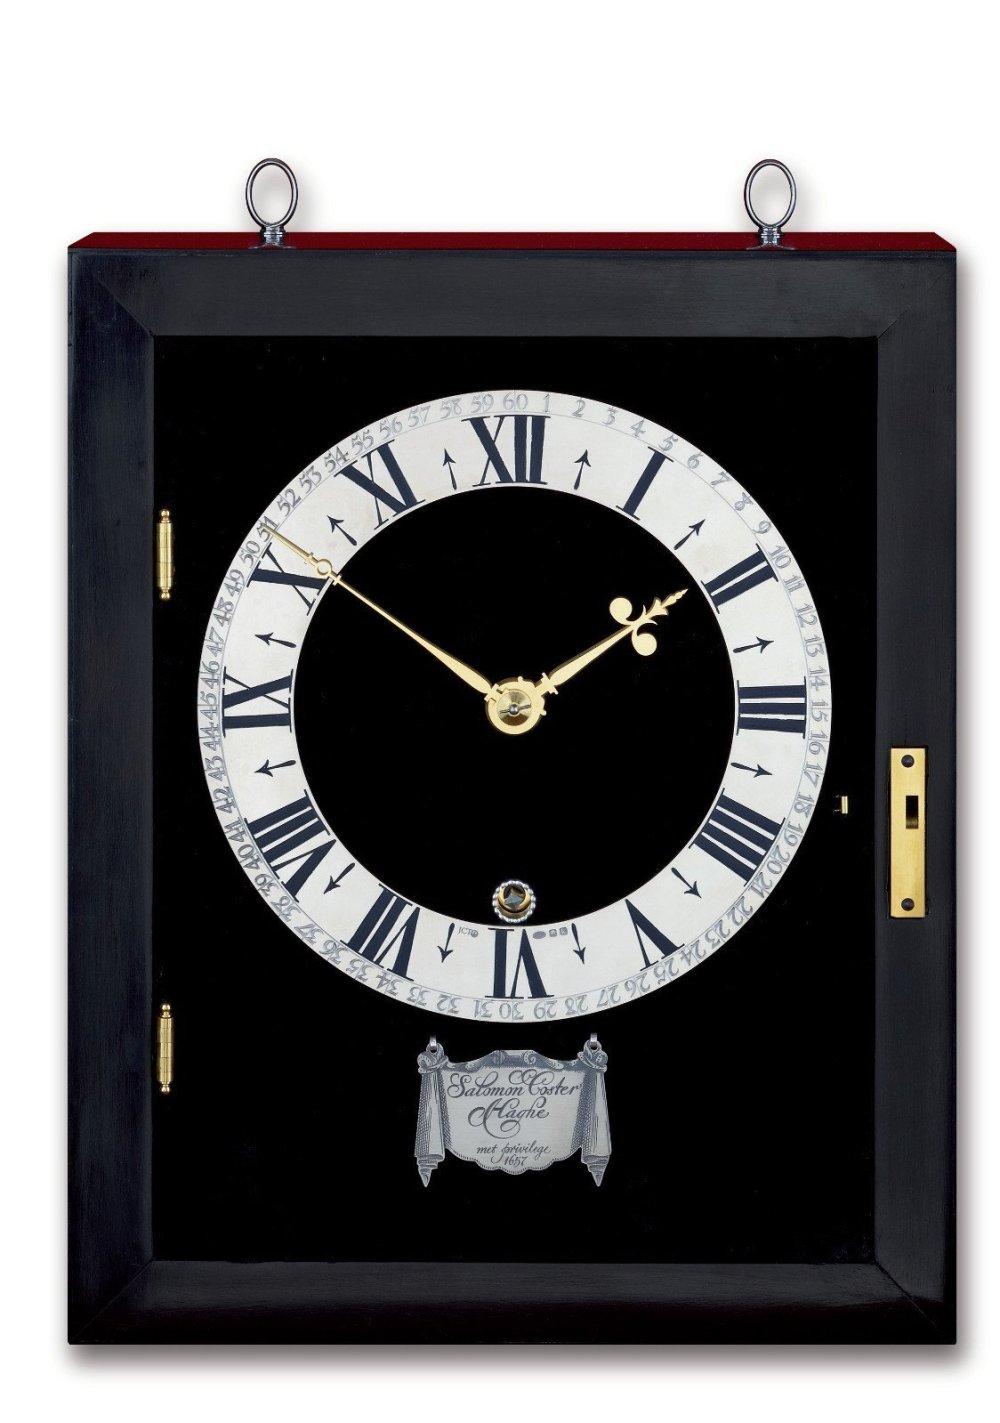 Replica of the first pendulum clock.